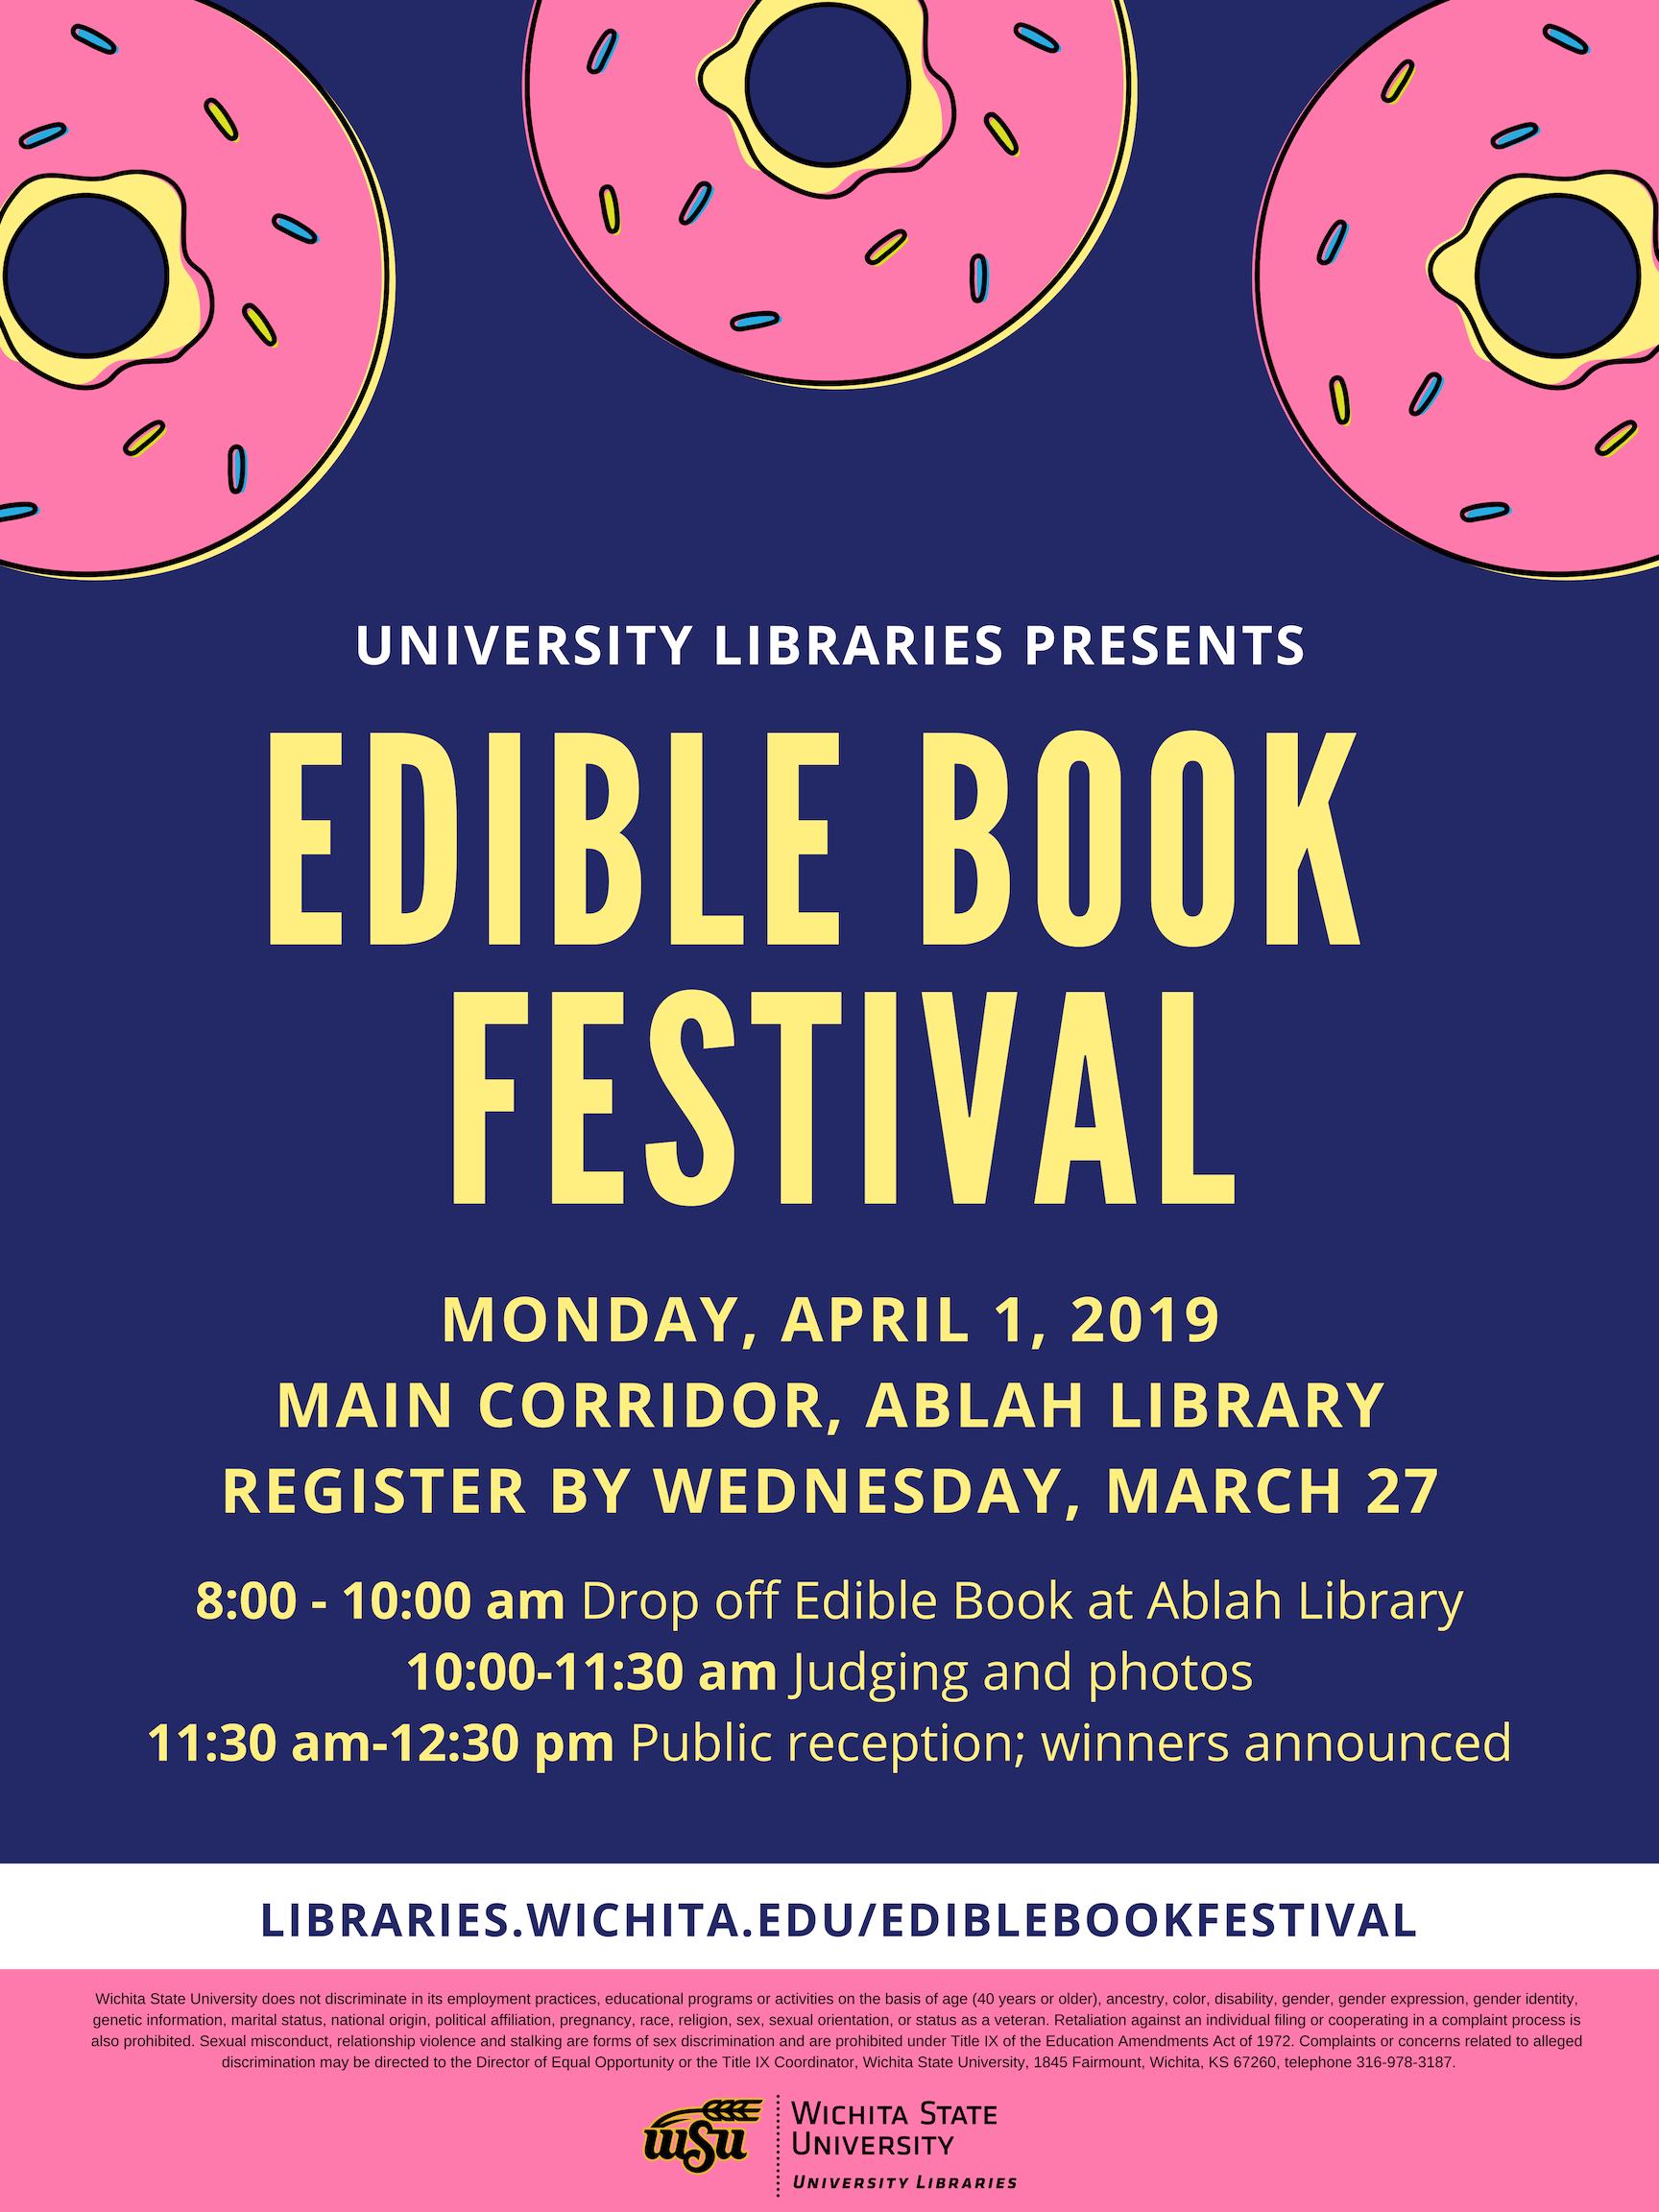 Edible Book Festival